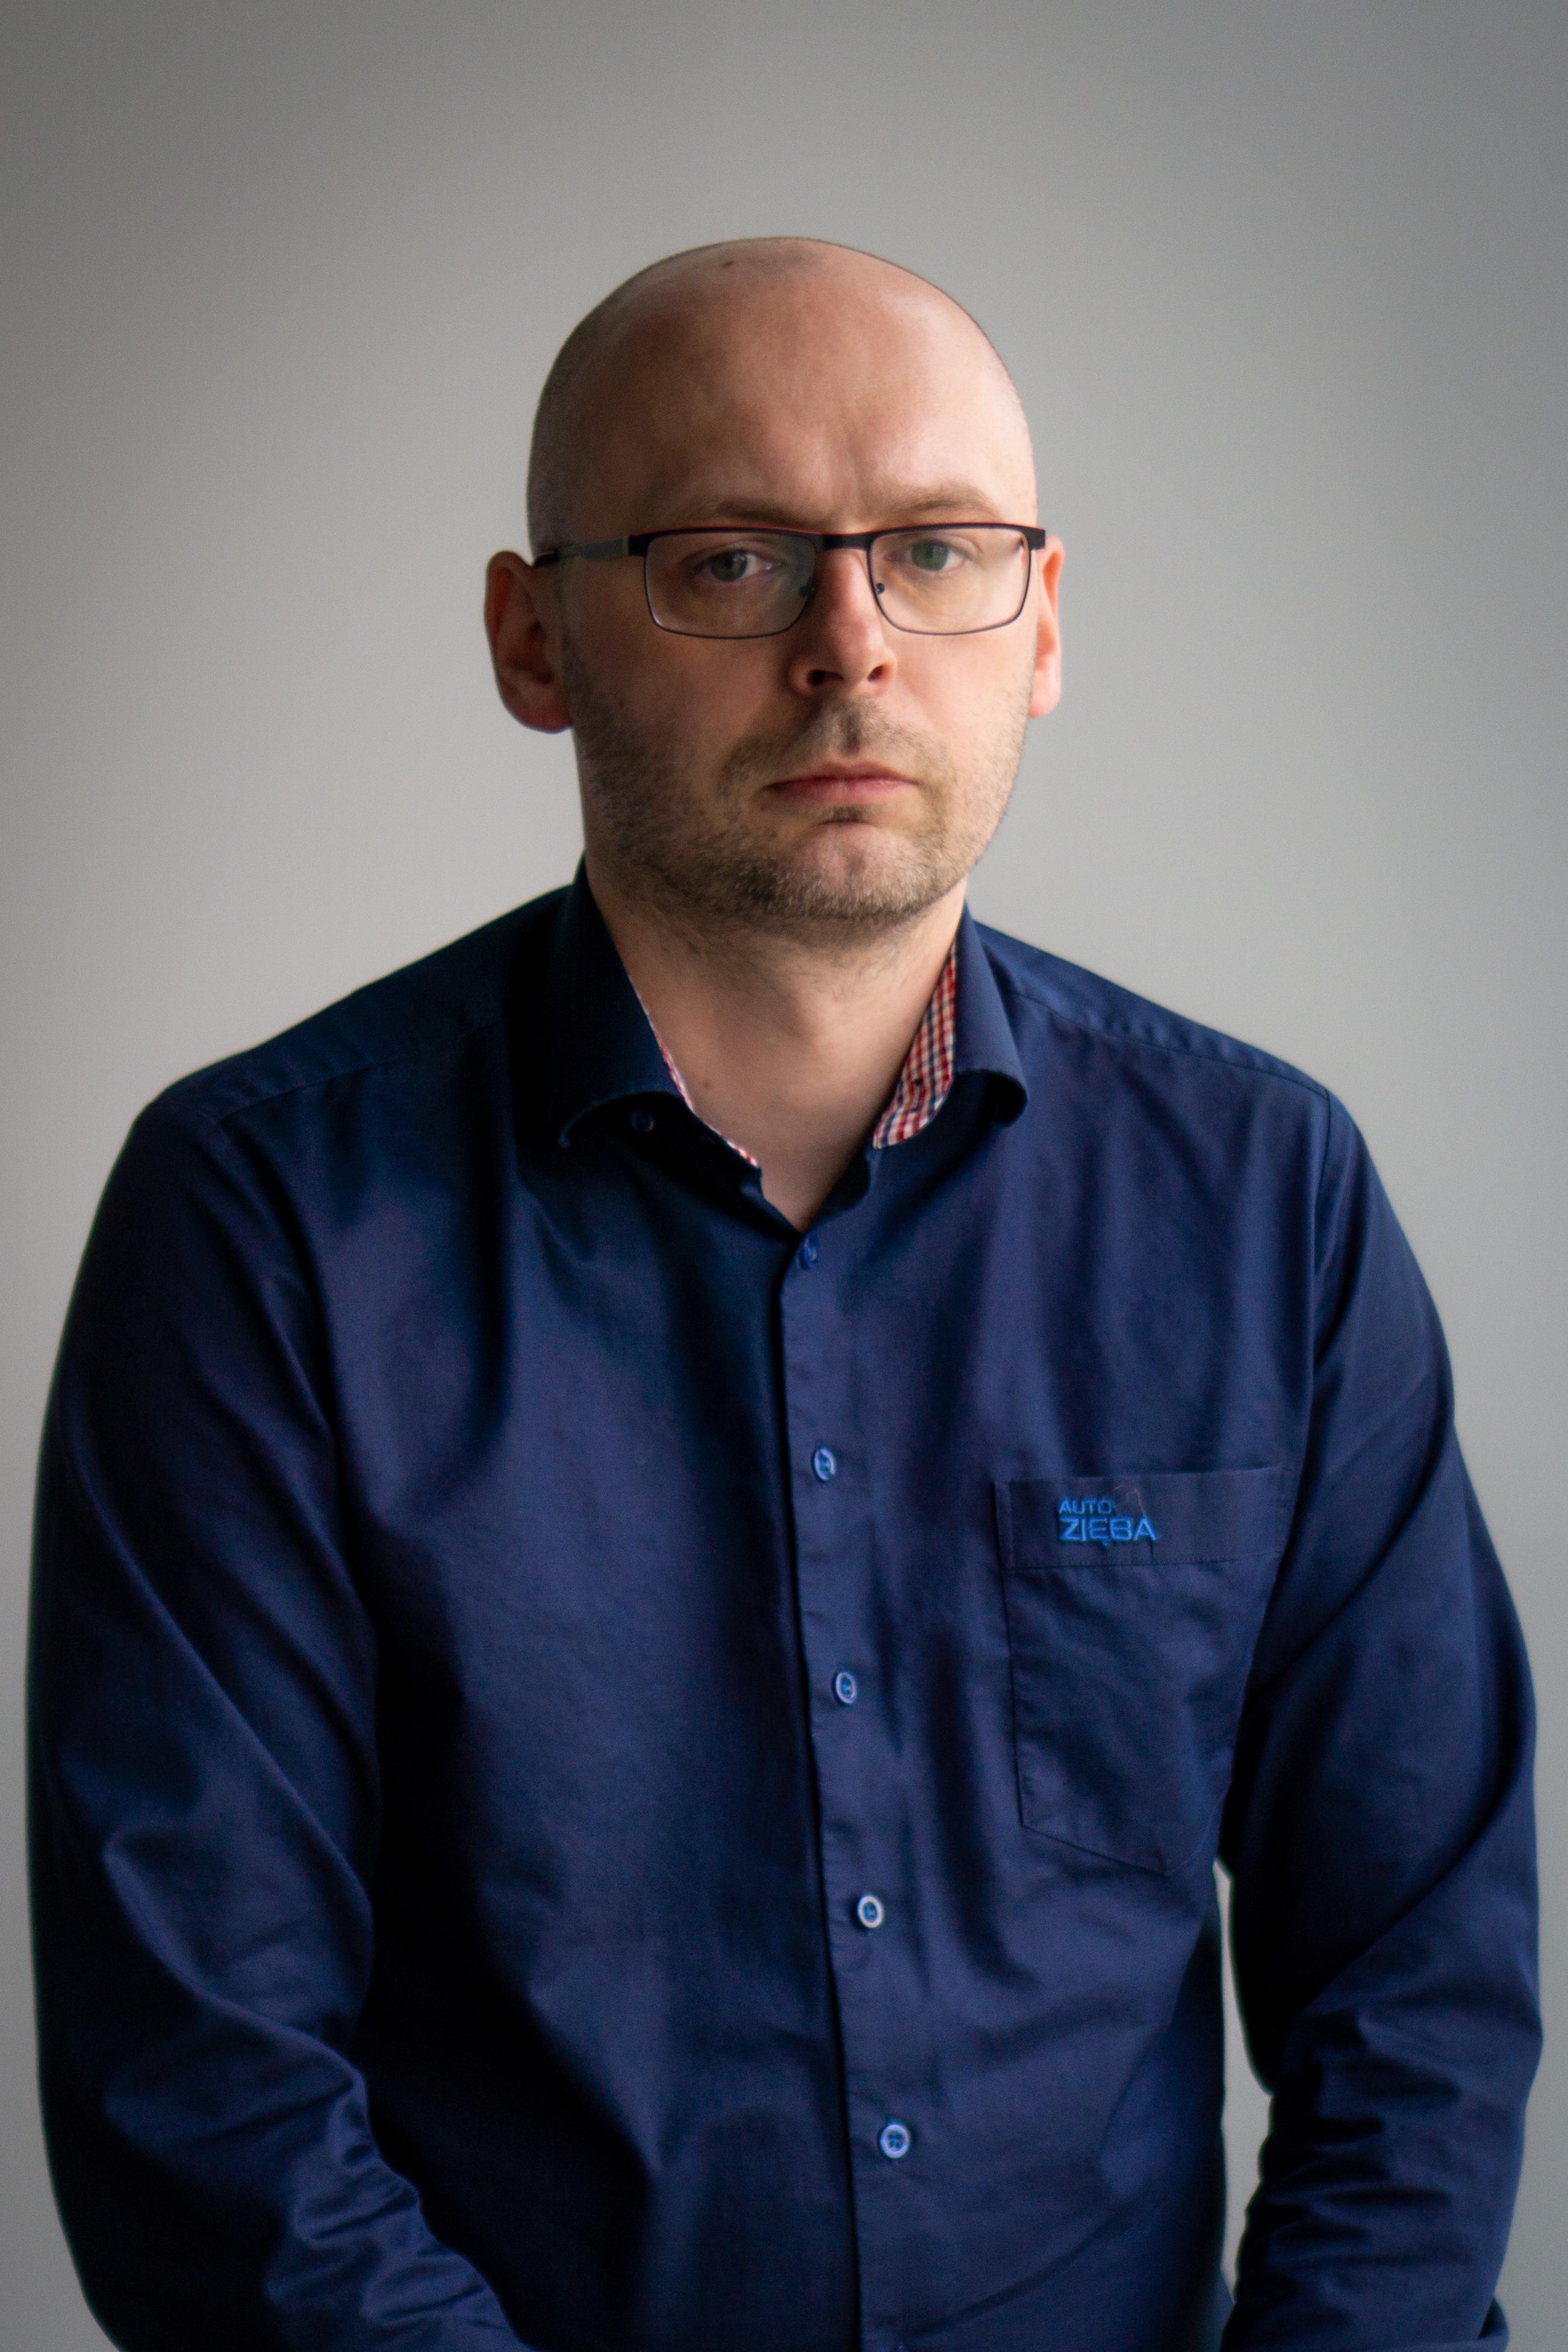 Zdjęcie Maciej Ociepka